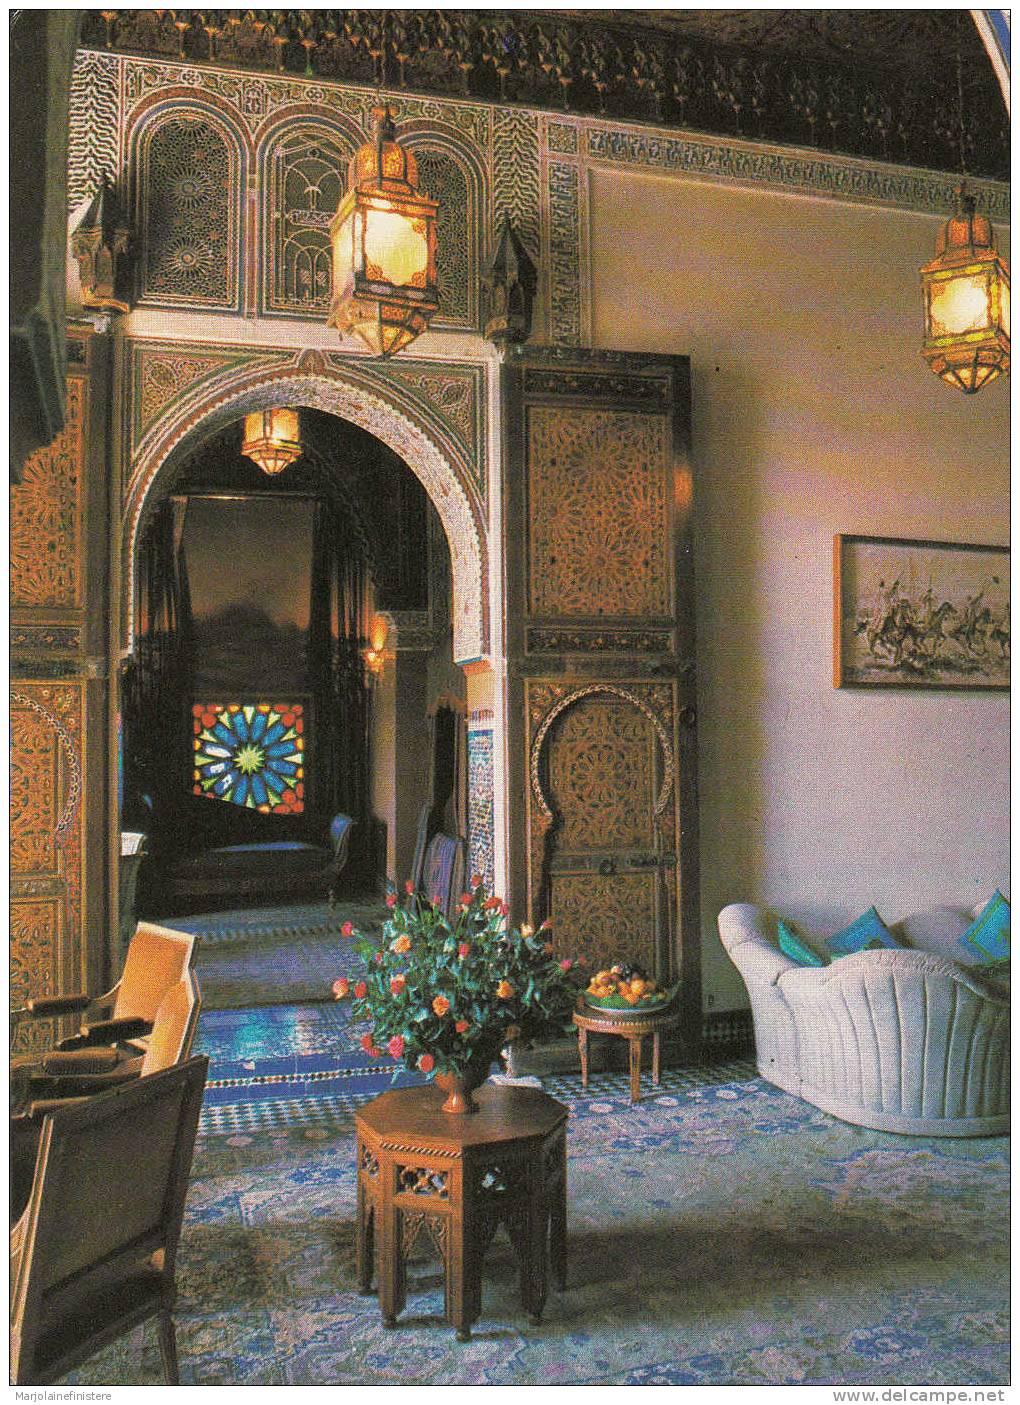 MAROC -  Fez - Palais Jamaï - Suite Royale. Exclusivité Sochepress, Casablanca N° 904.046 - Fez (Fès)